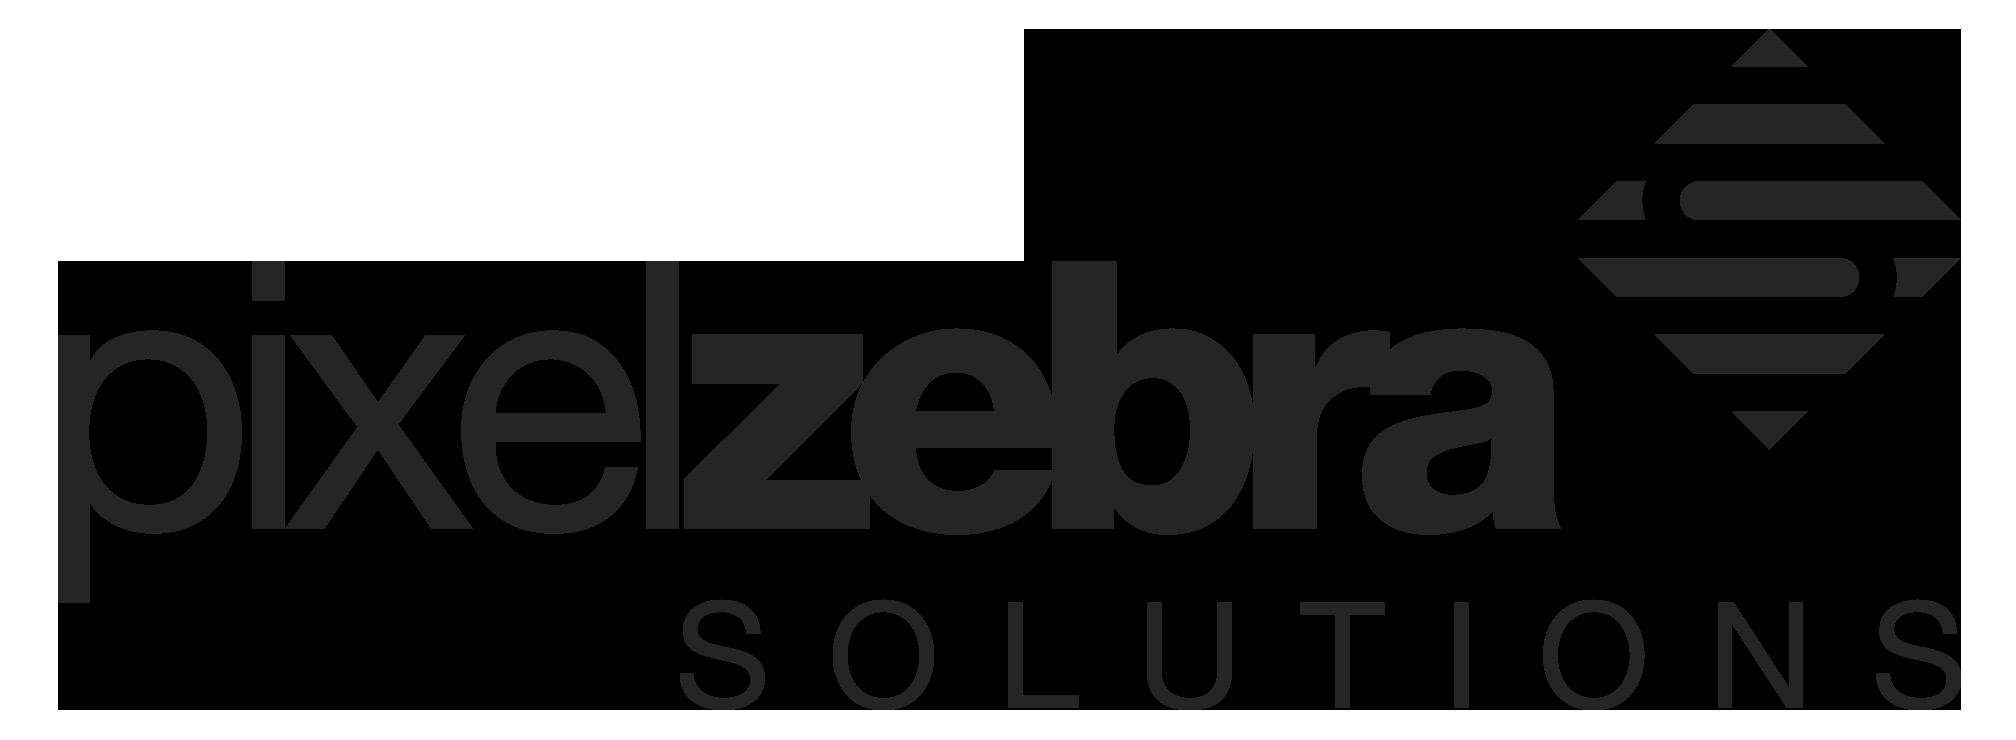 Logo Pixelzebra Solutions